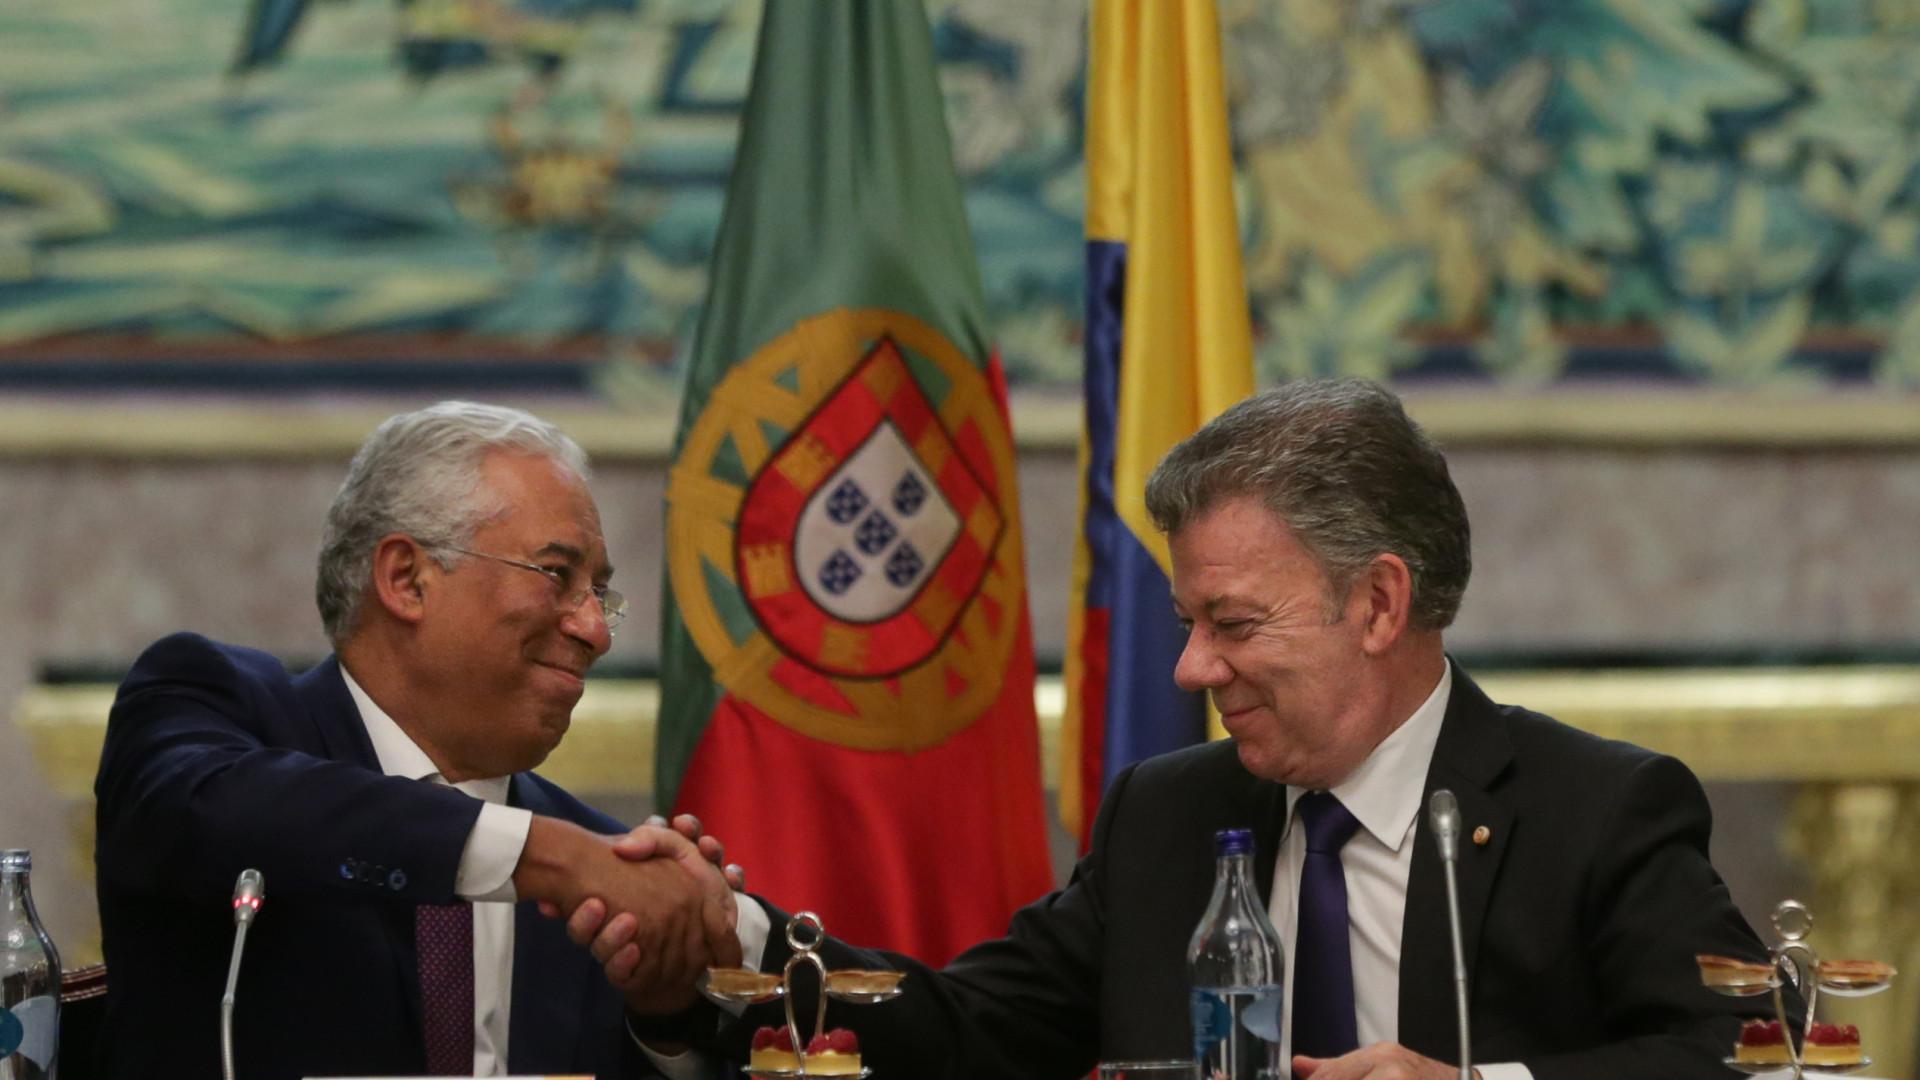 Costa salienta estabilidade política nas relações Portugal e Colômbia